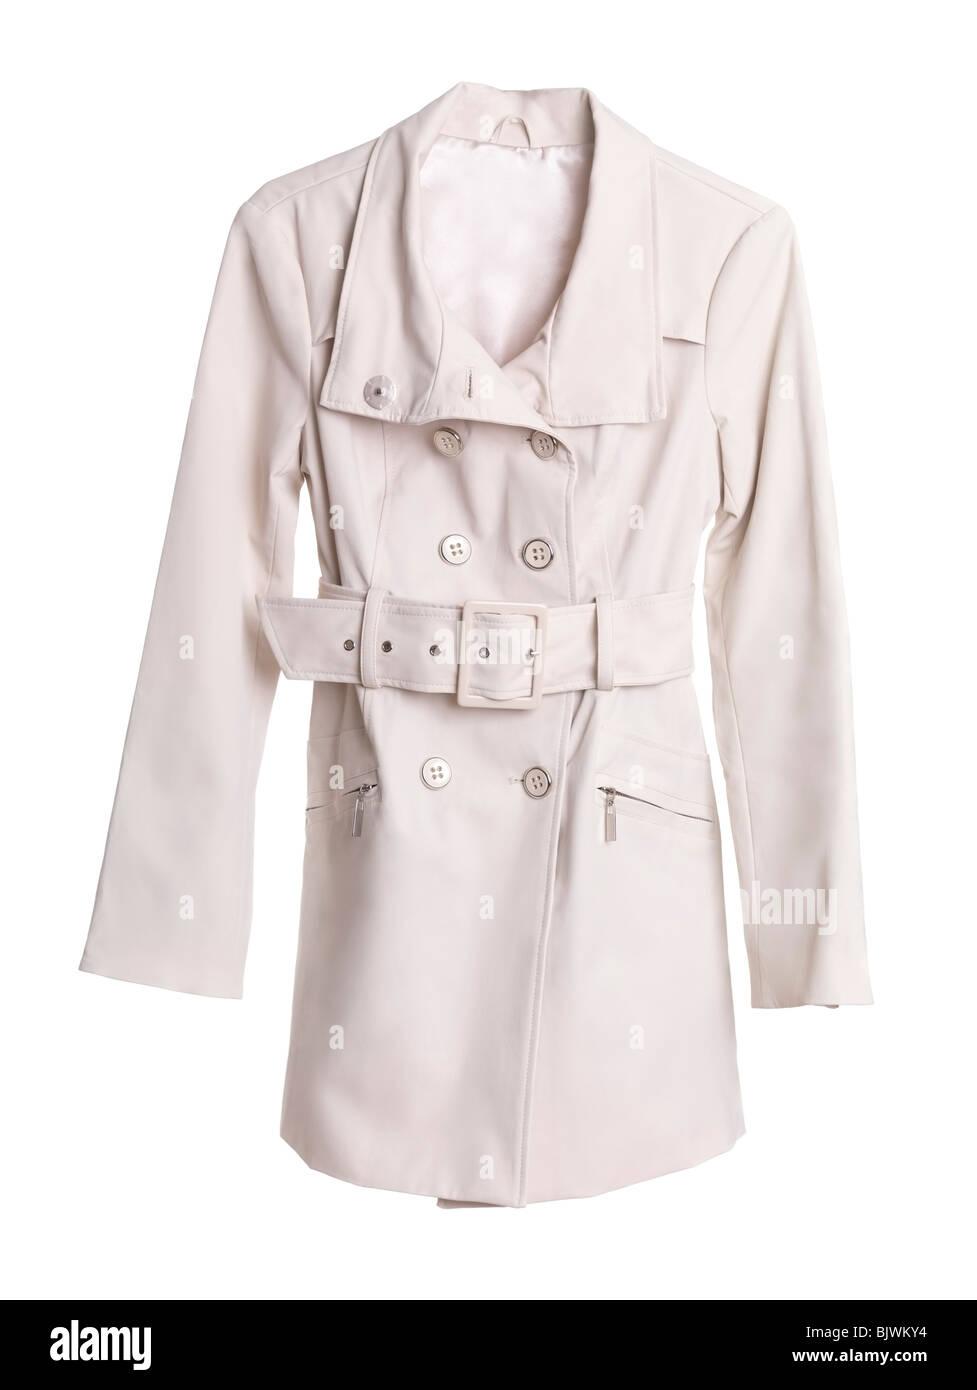 Trench coat isolated on white background - Stock Image